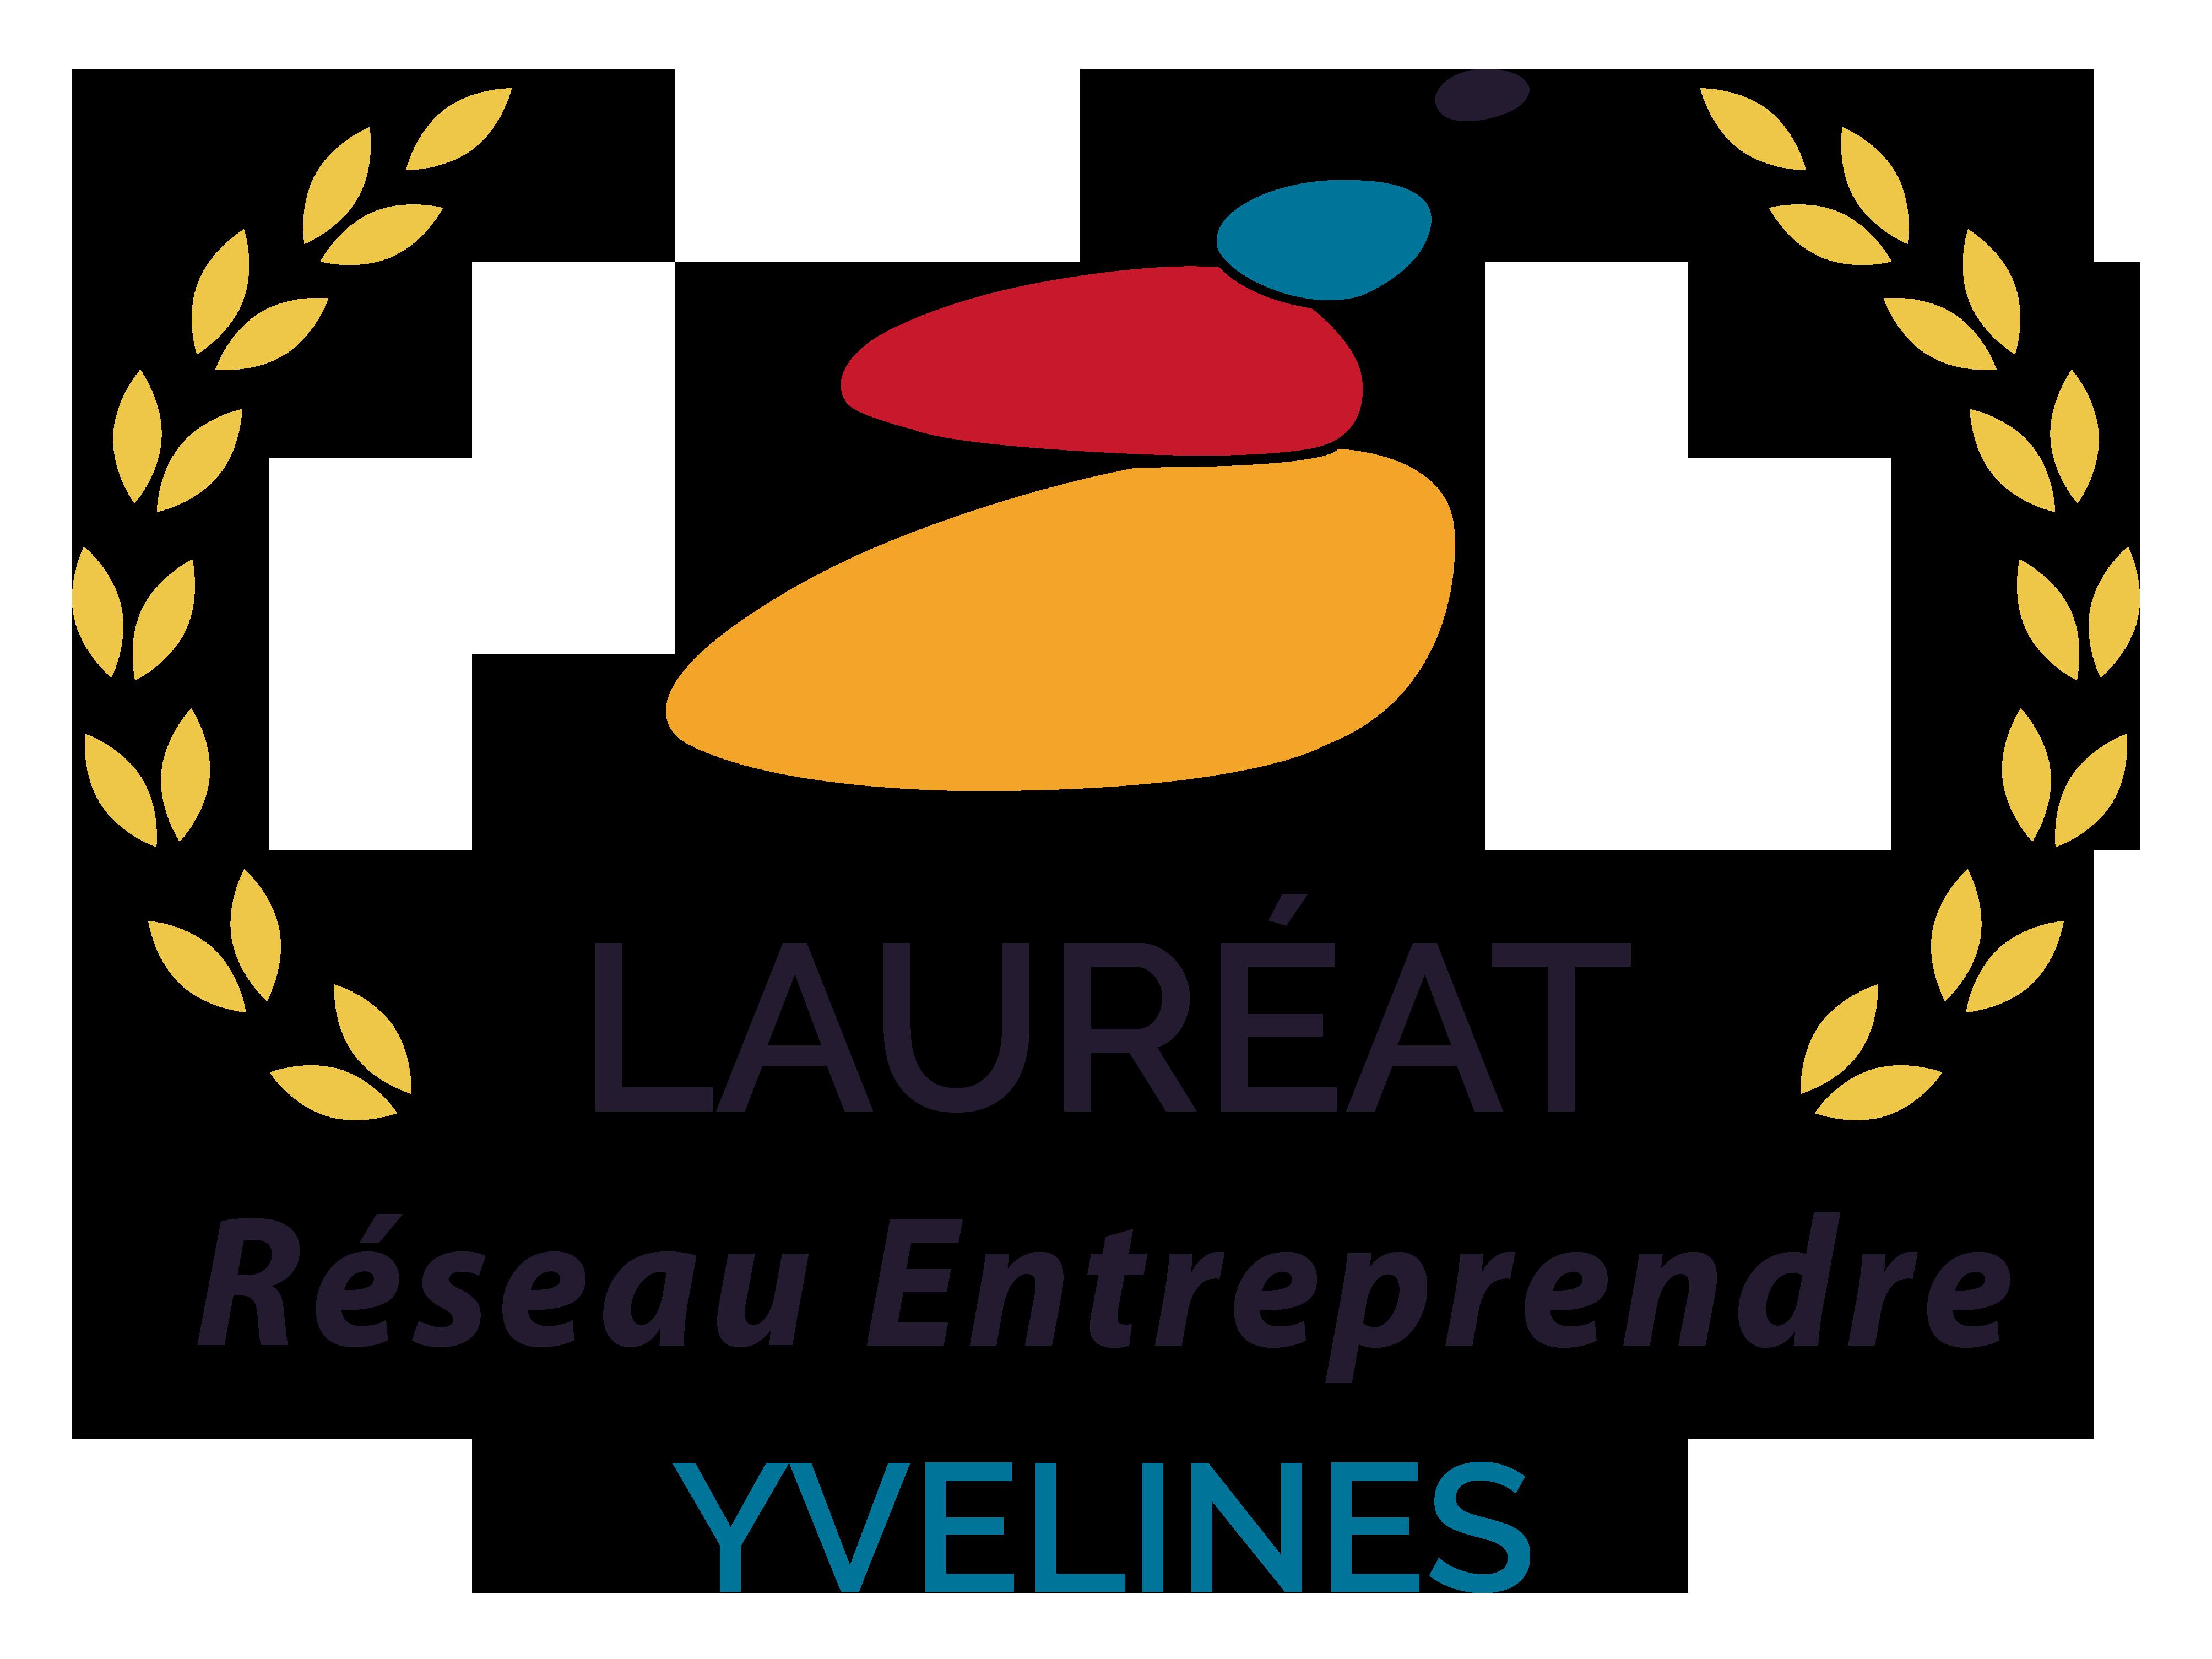 AKYLA - Lauréat Réseau Entreprendre